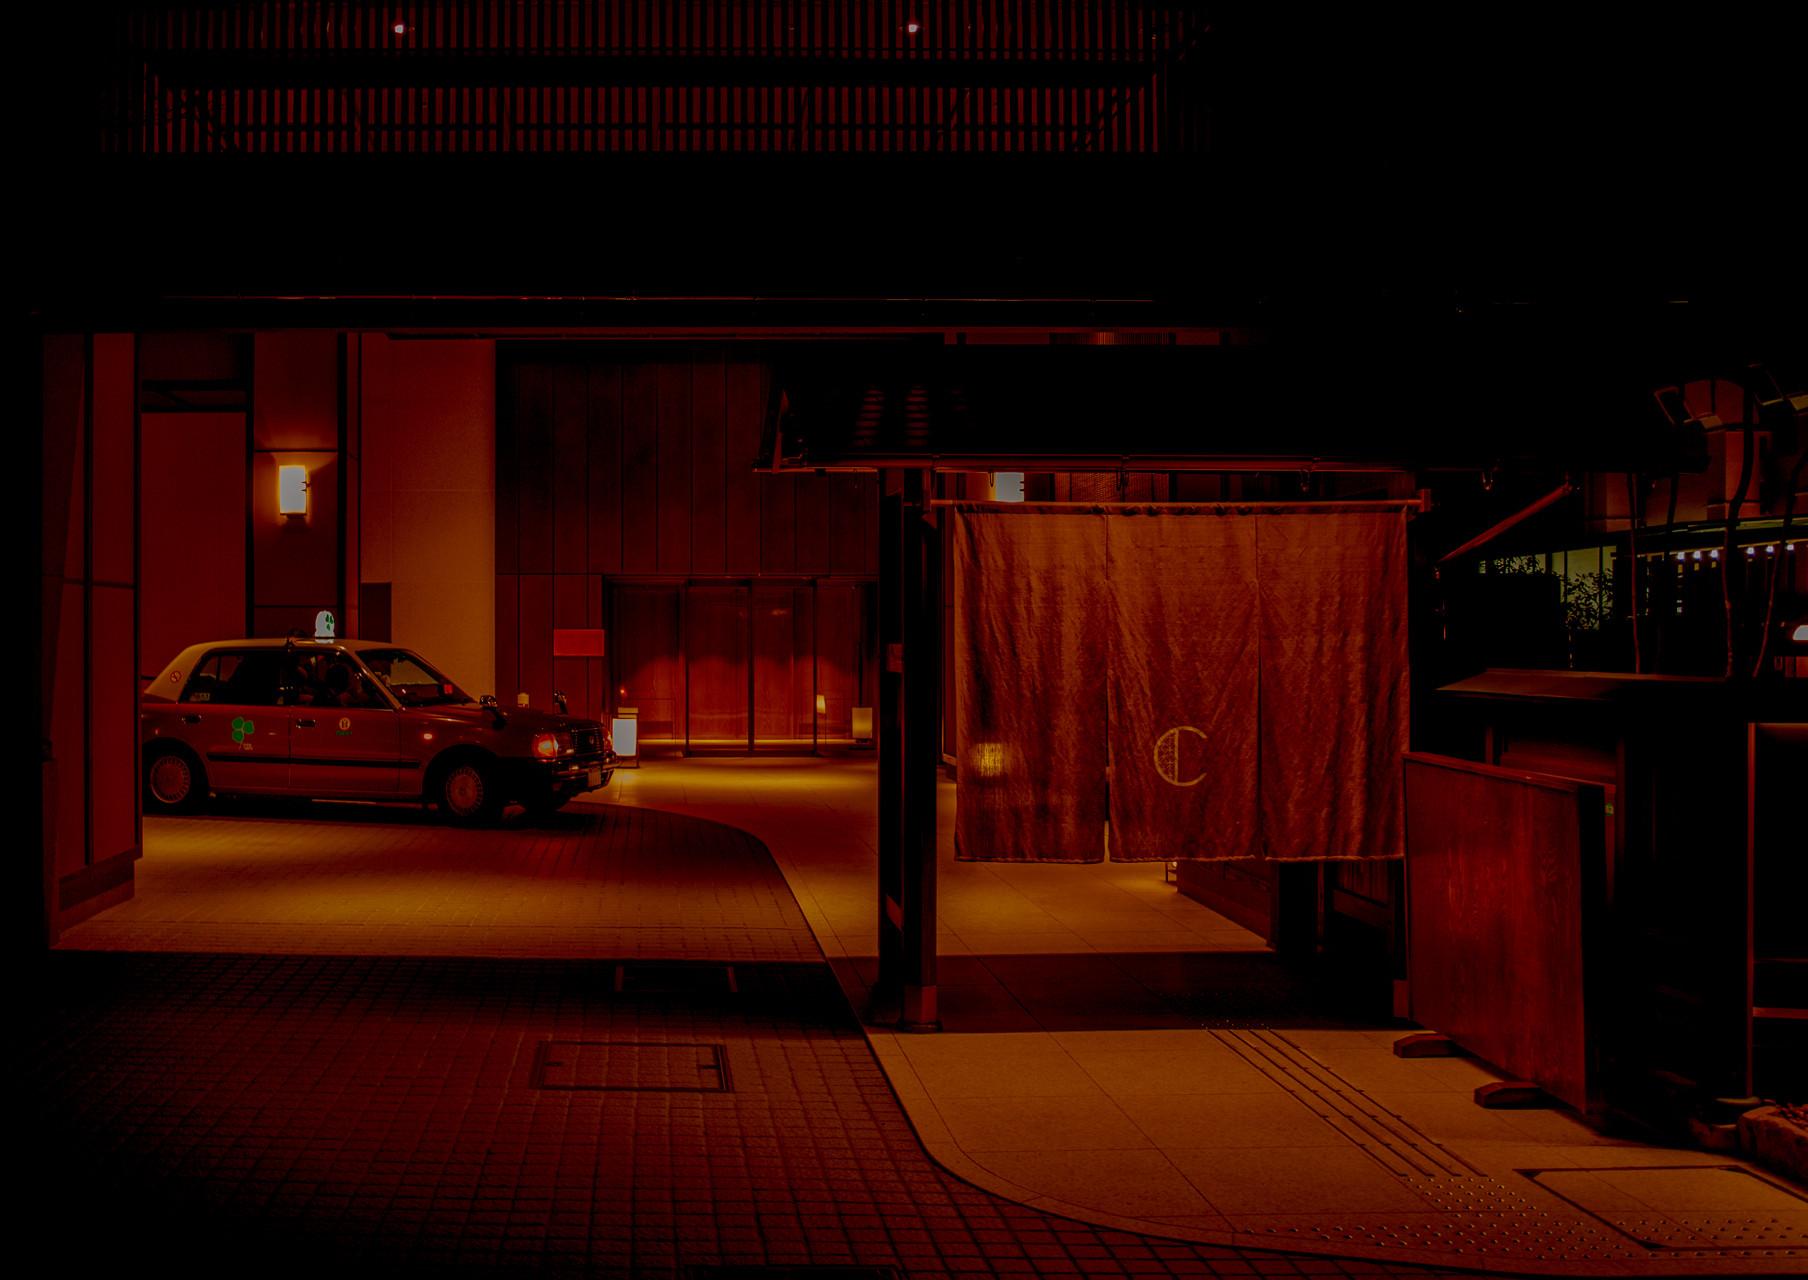 STREET-PHOTOGRAPHY-33-JUANMI-MARQUEZ-1761x1280-1761x1280